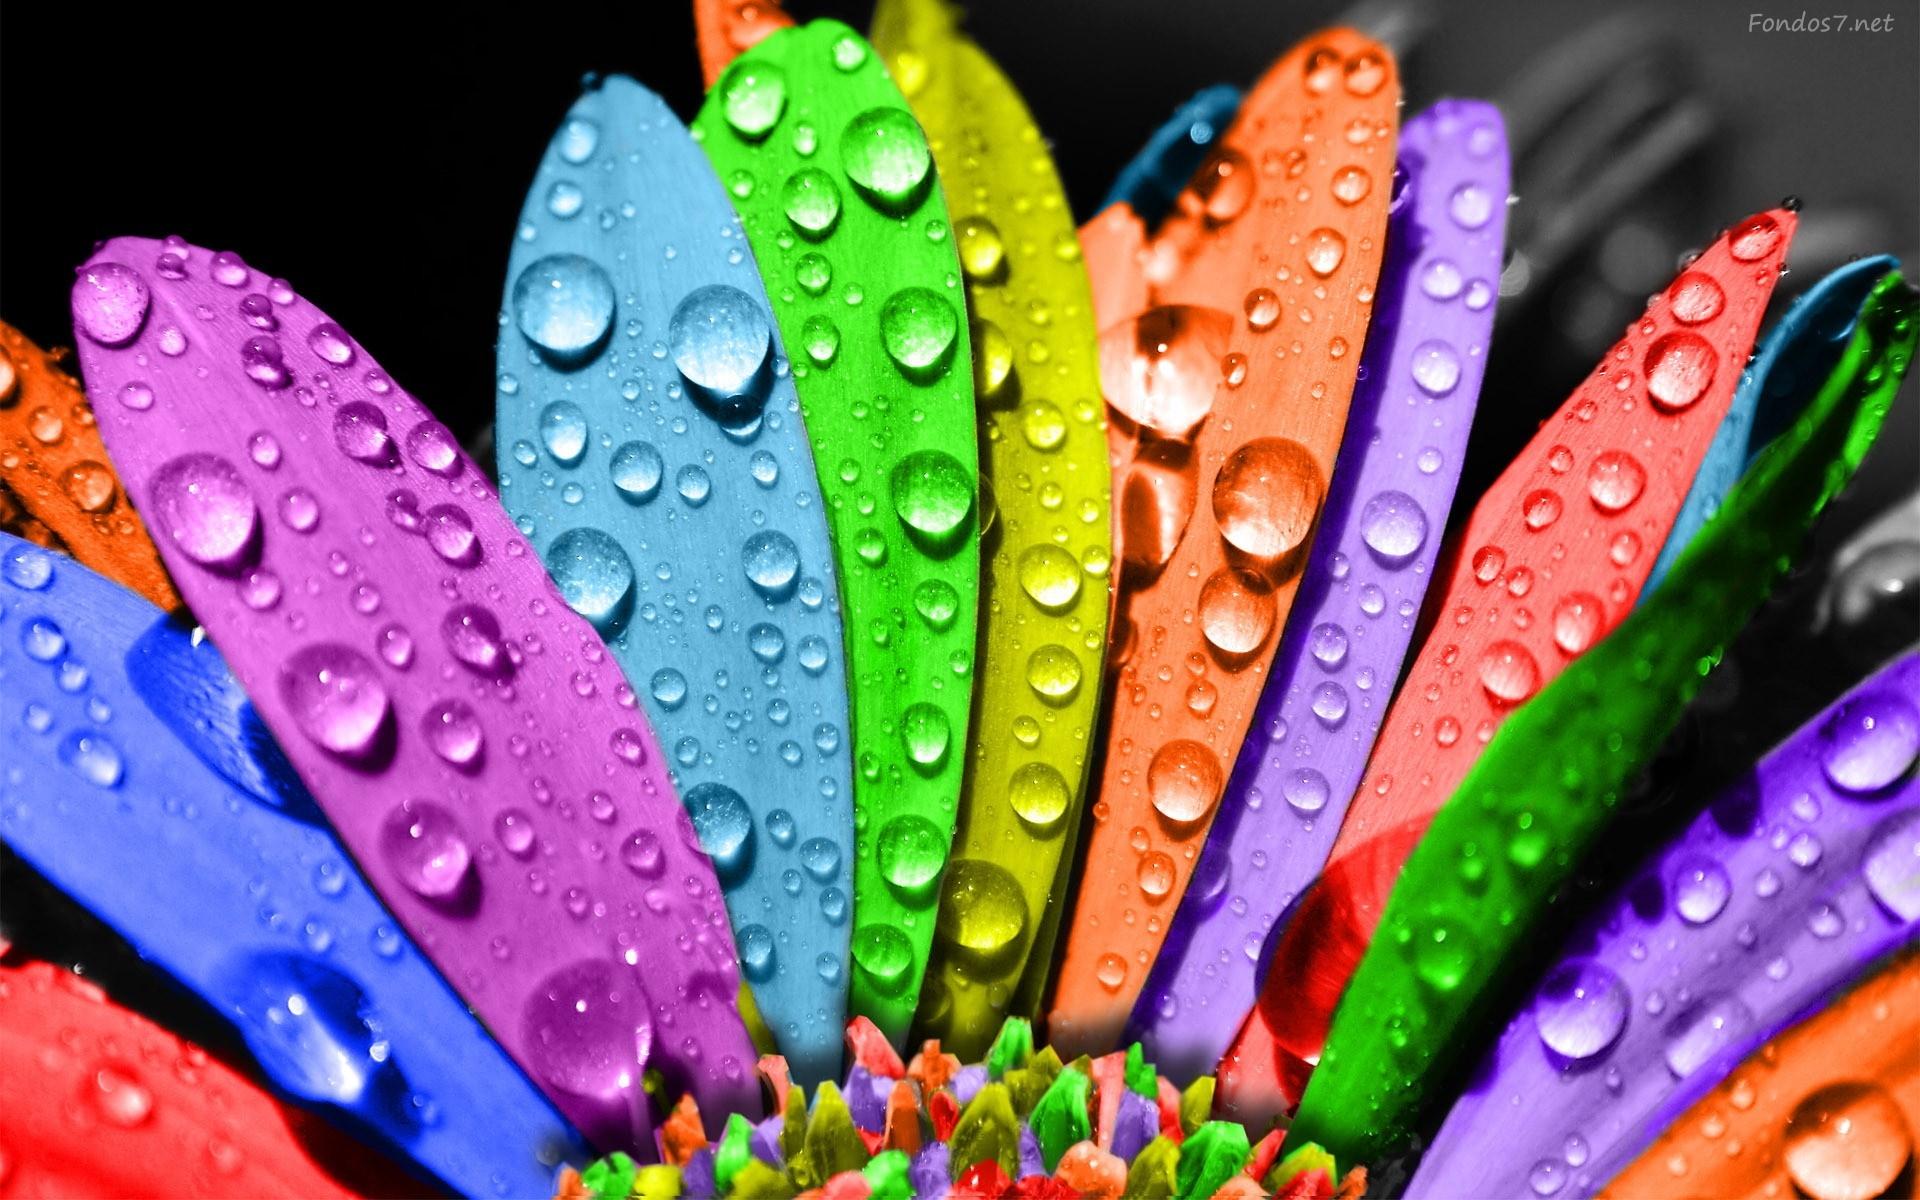 petalos-de-colores-2467